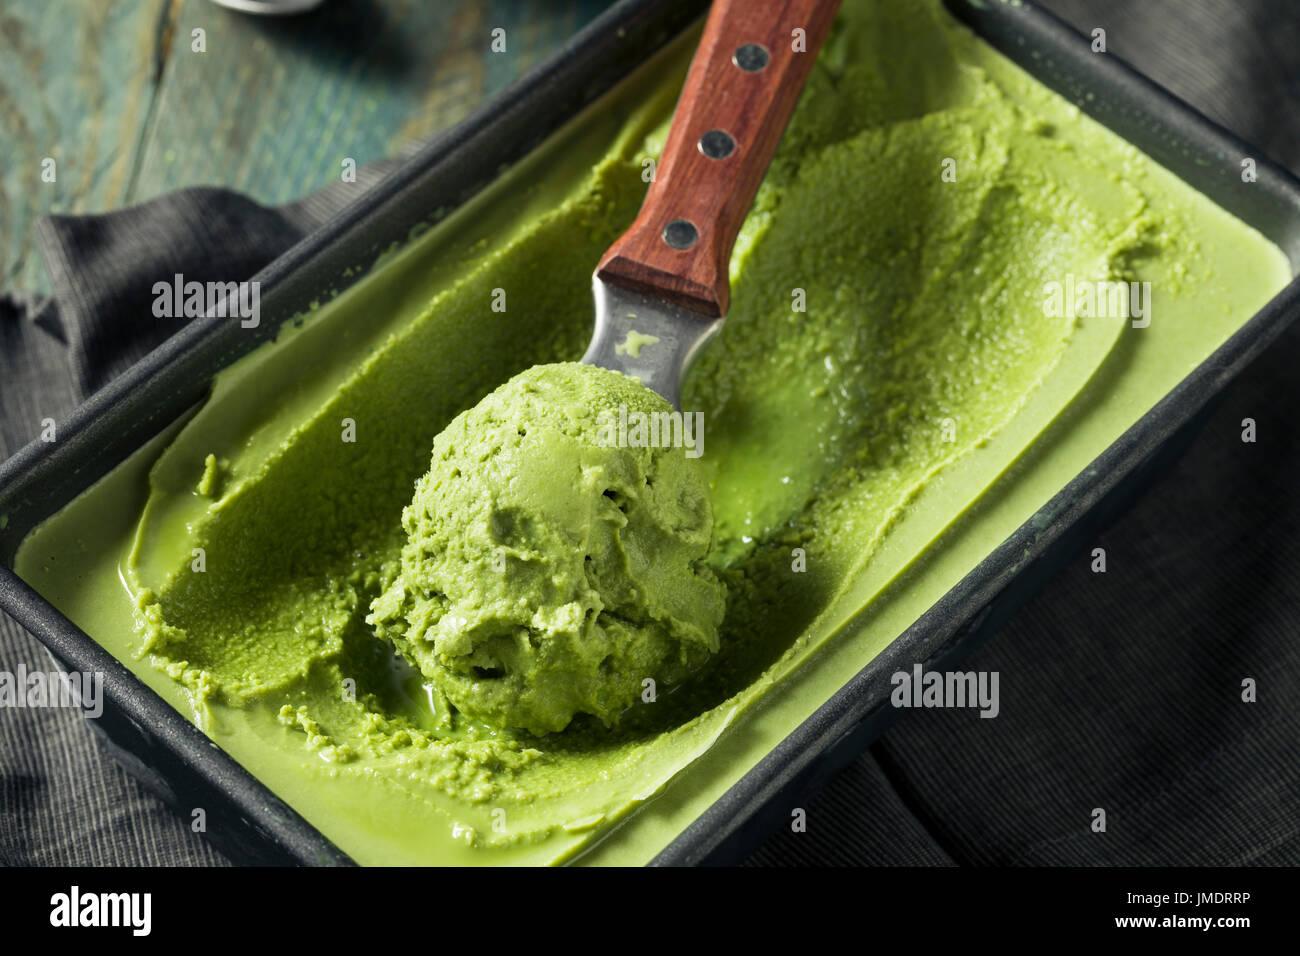 Grean maison Glace Matcha Thé prêt à manger Photo Stock